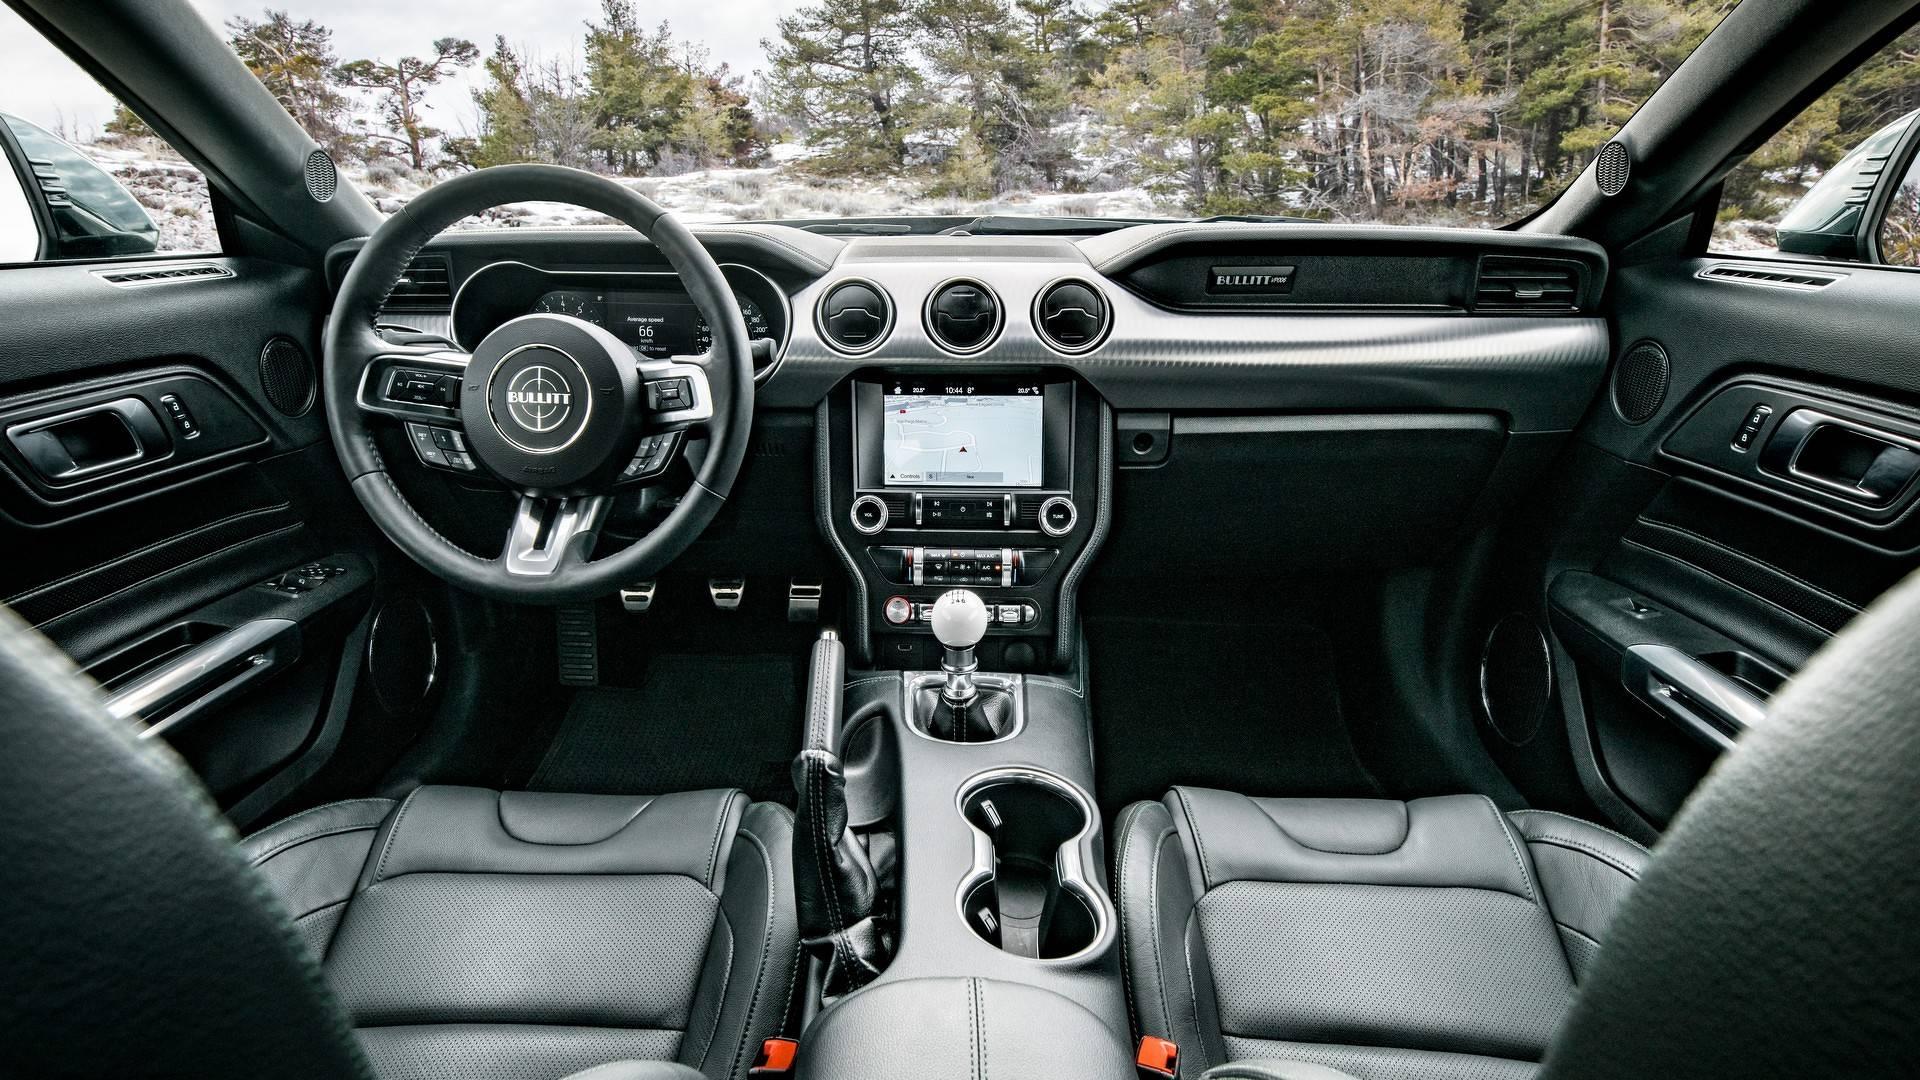 2019-ford-mustang-bullitt-euro-spec (11).jpg